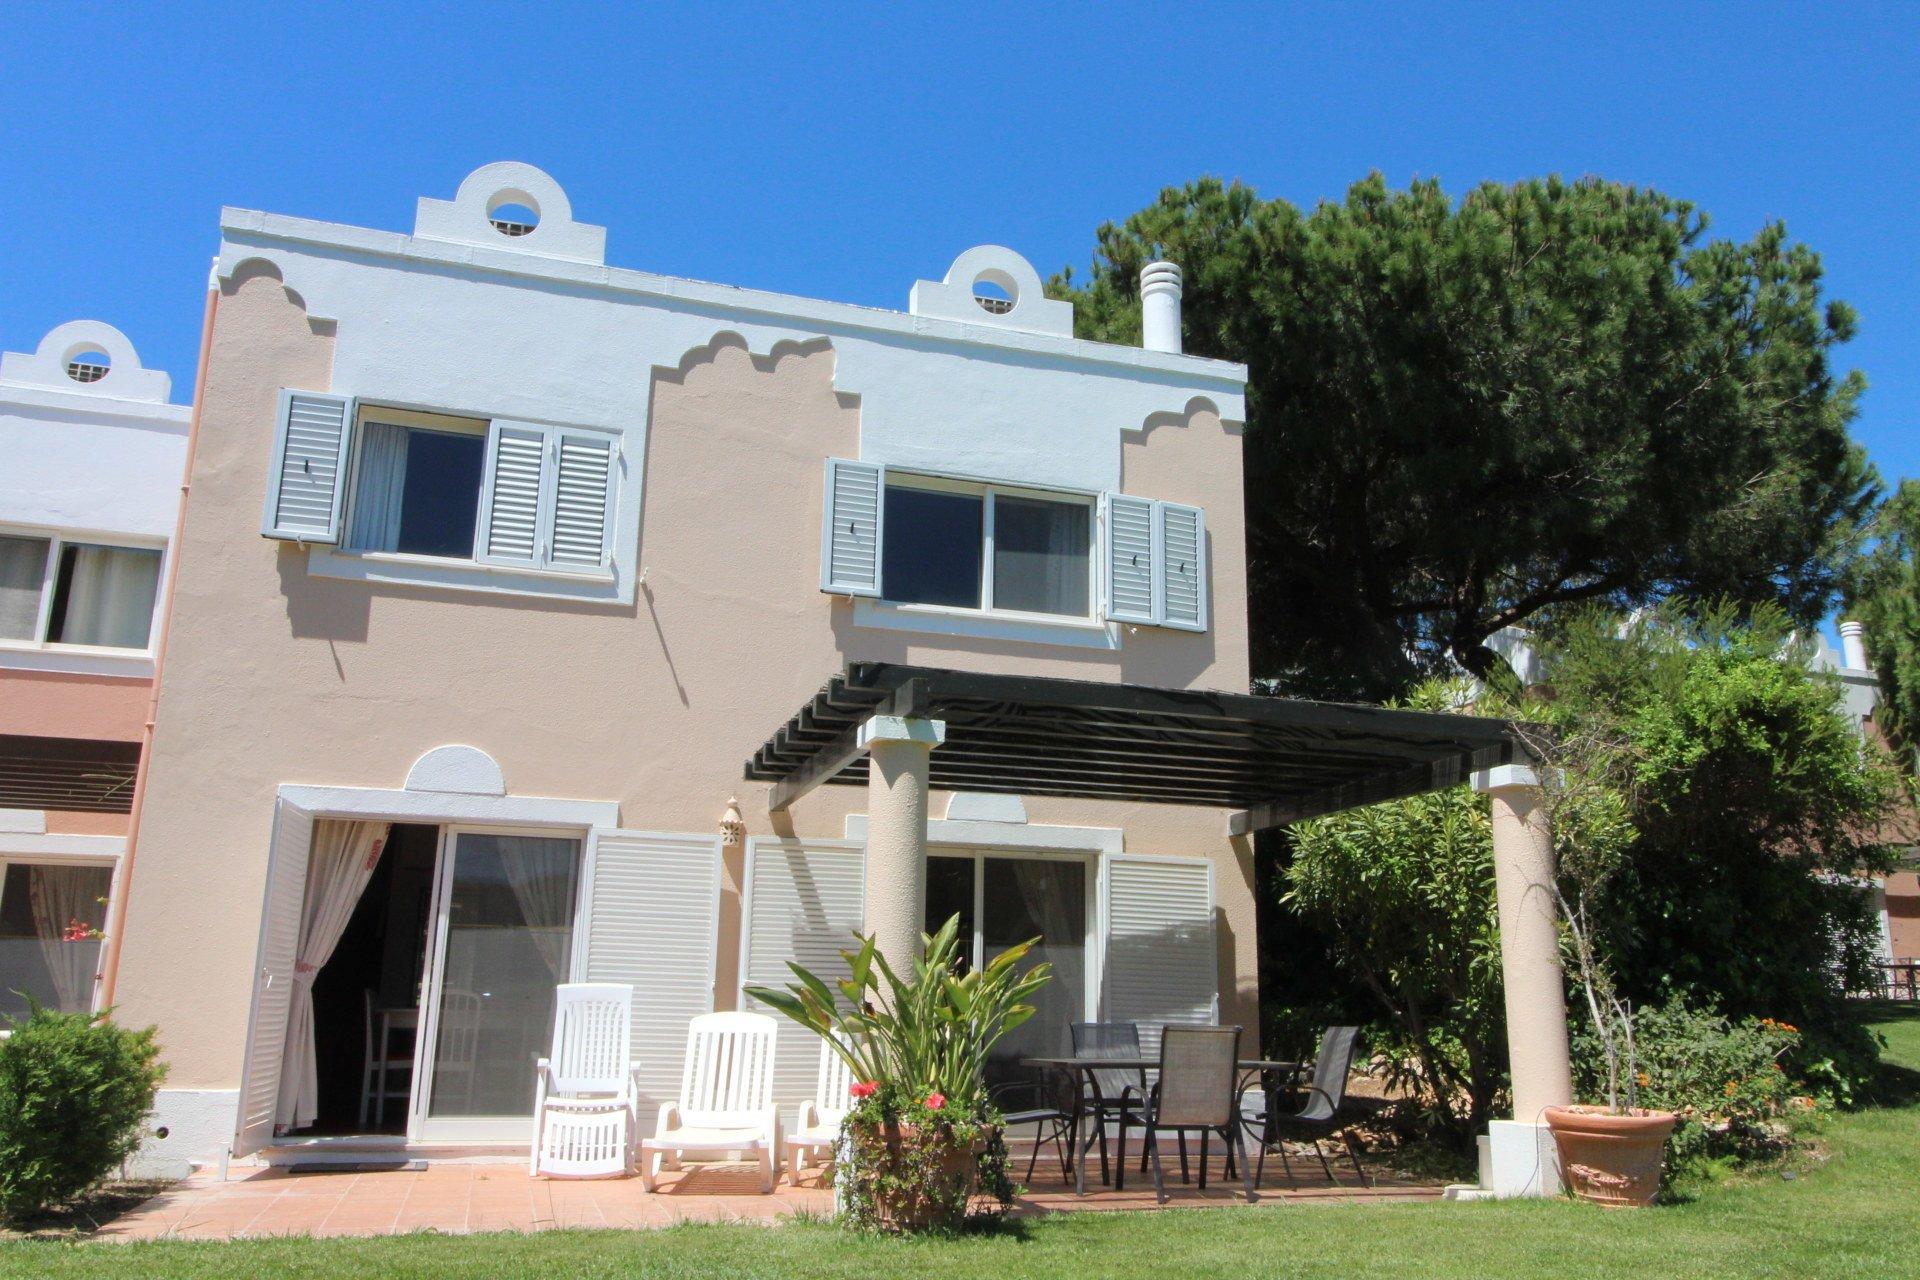 2 Bedroom Townhouse Quinta Do Lago, Central Algarve Ref: MV20512